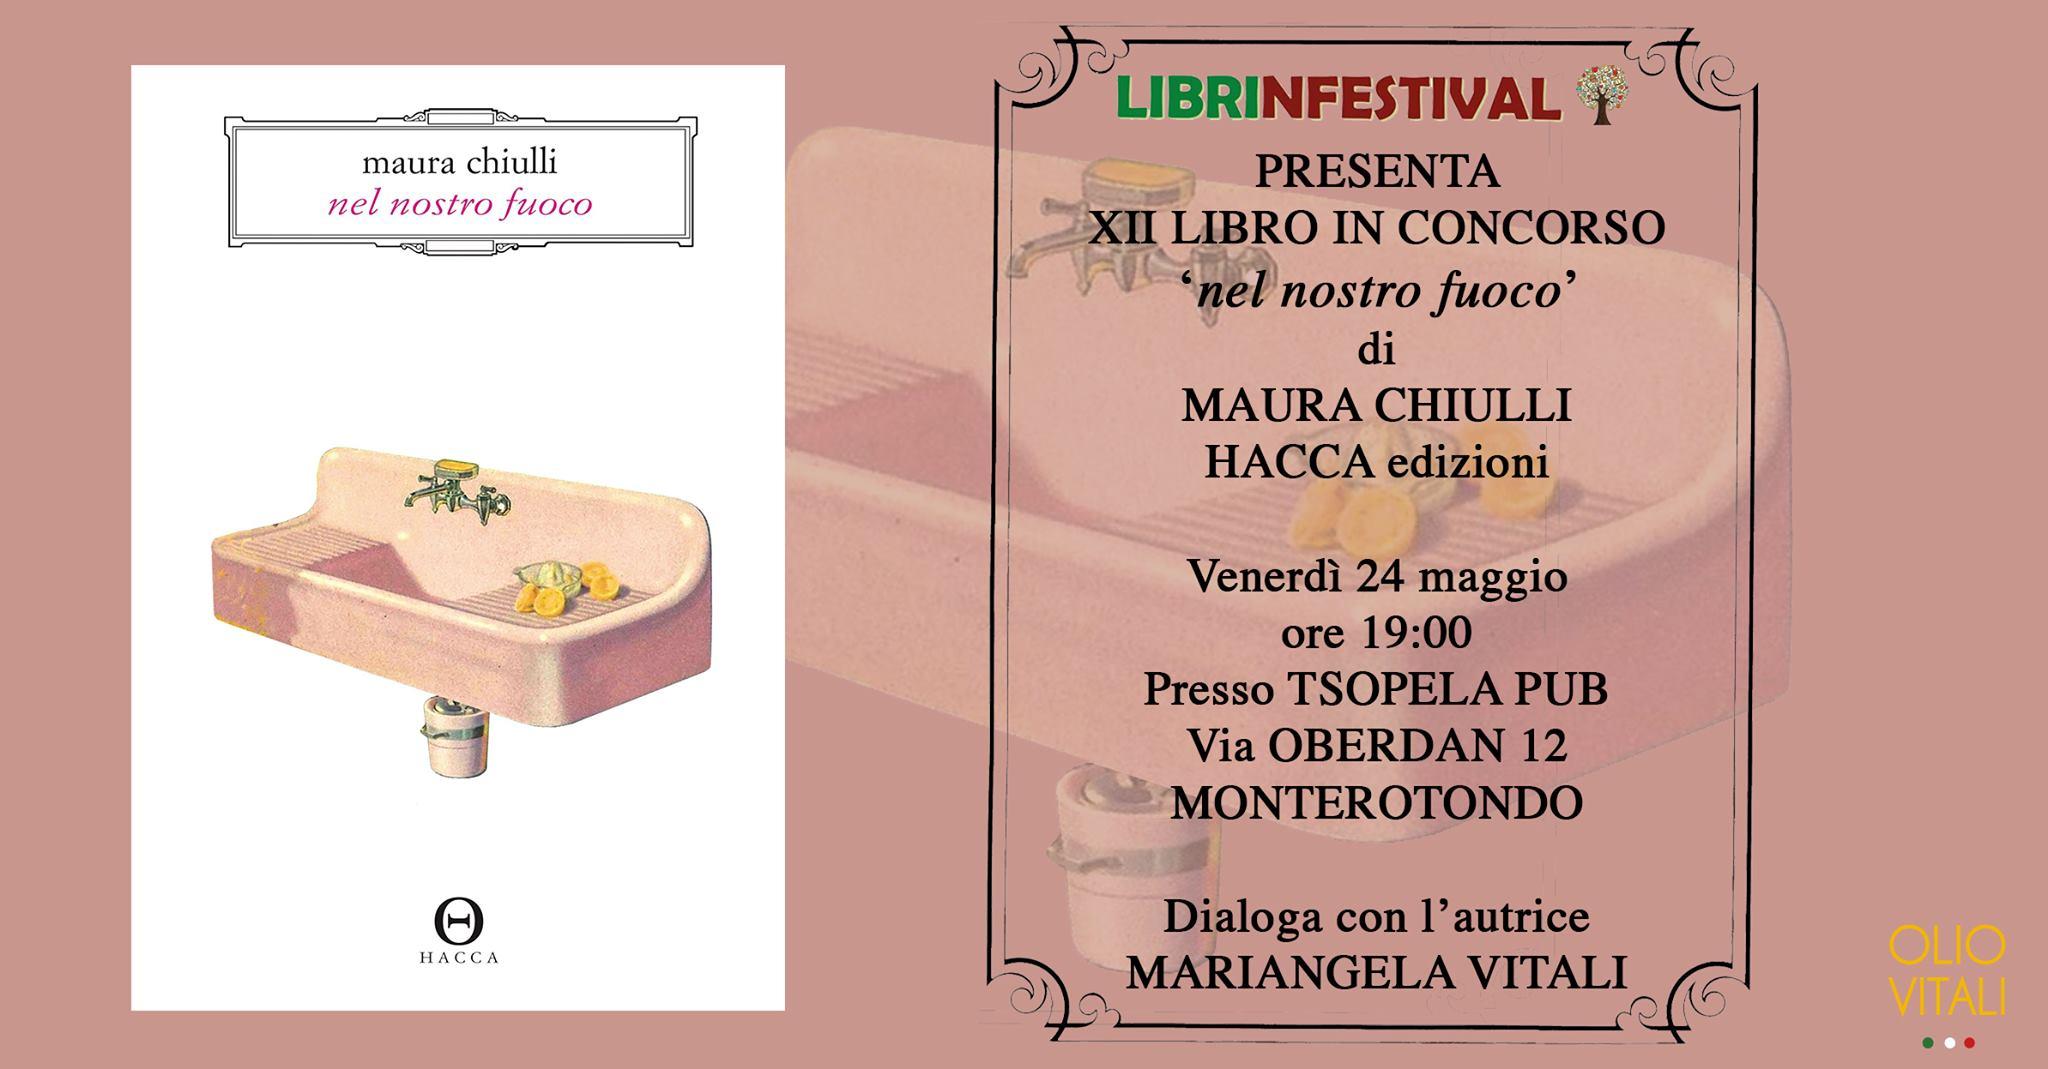 Maura Chiulli, Nel nostro fuoco, Hacca Edizioni, Mariangela Vitali, Olio Vitali Sabina dop